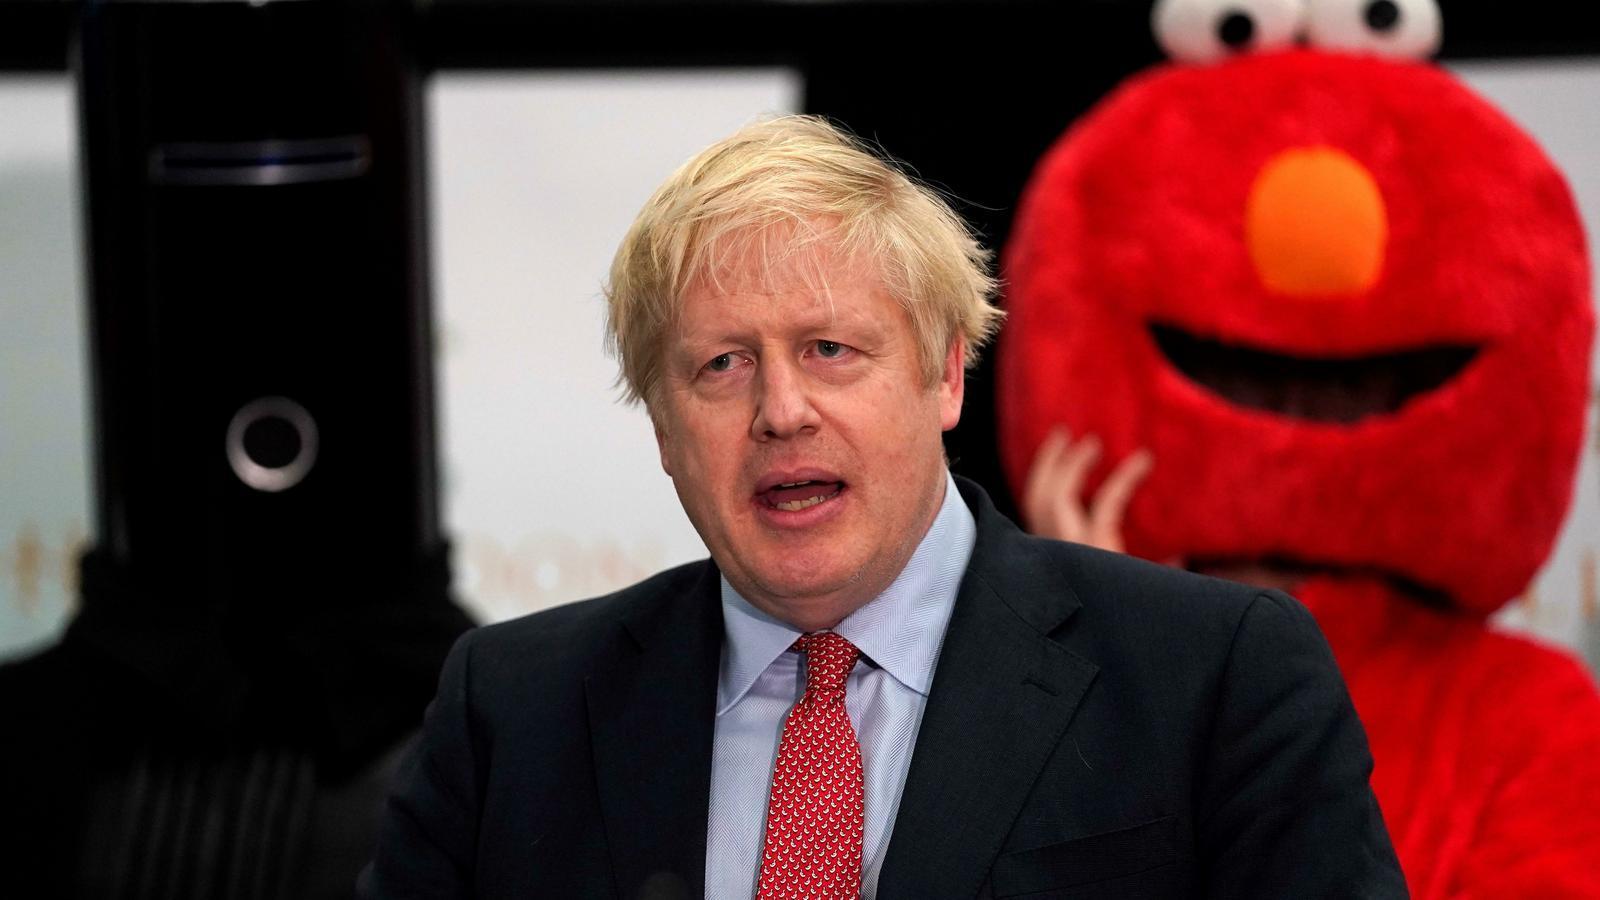 Tres anys i mig després del terratrèmol Brexit, el terratrèmol Johnson sacseja el paisatge polític del Regne Unit